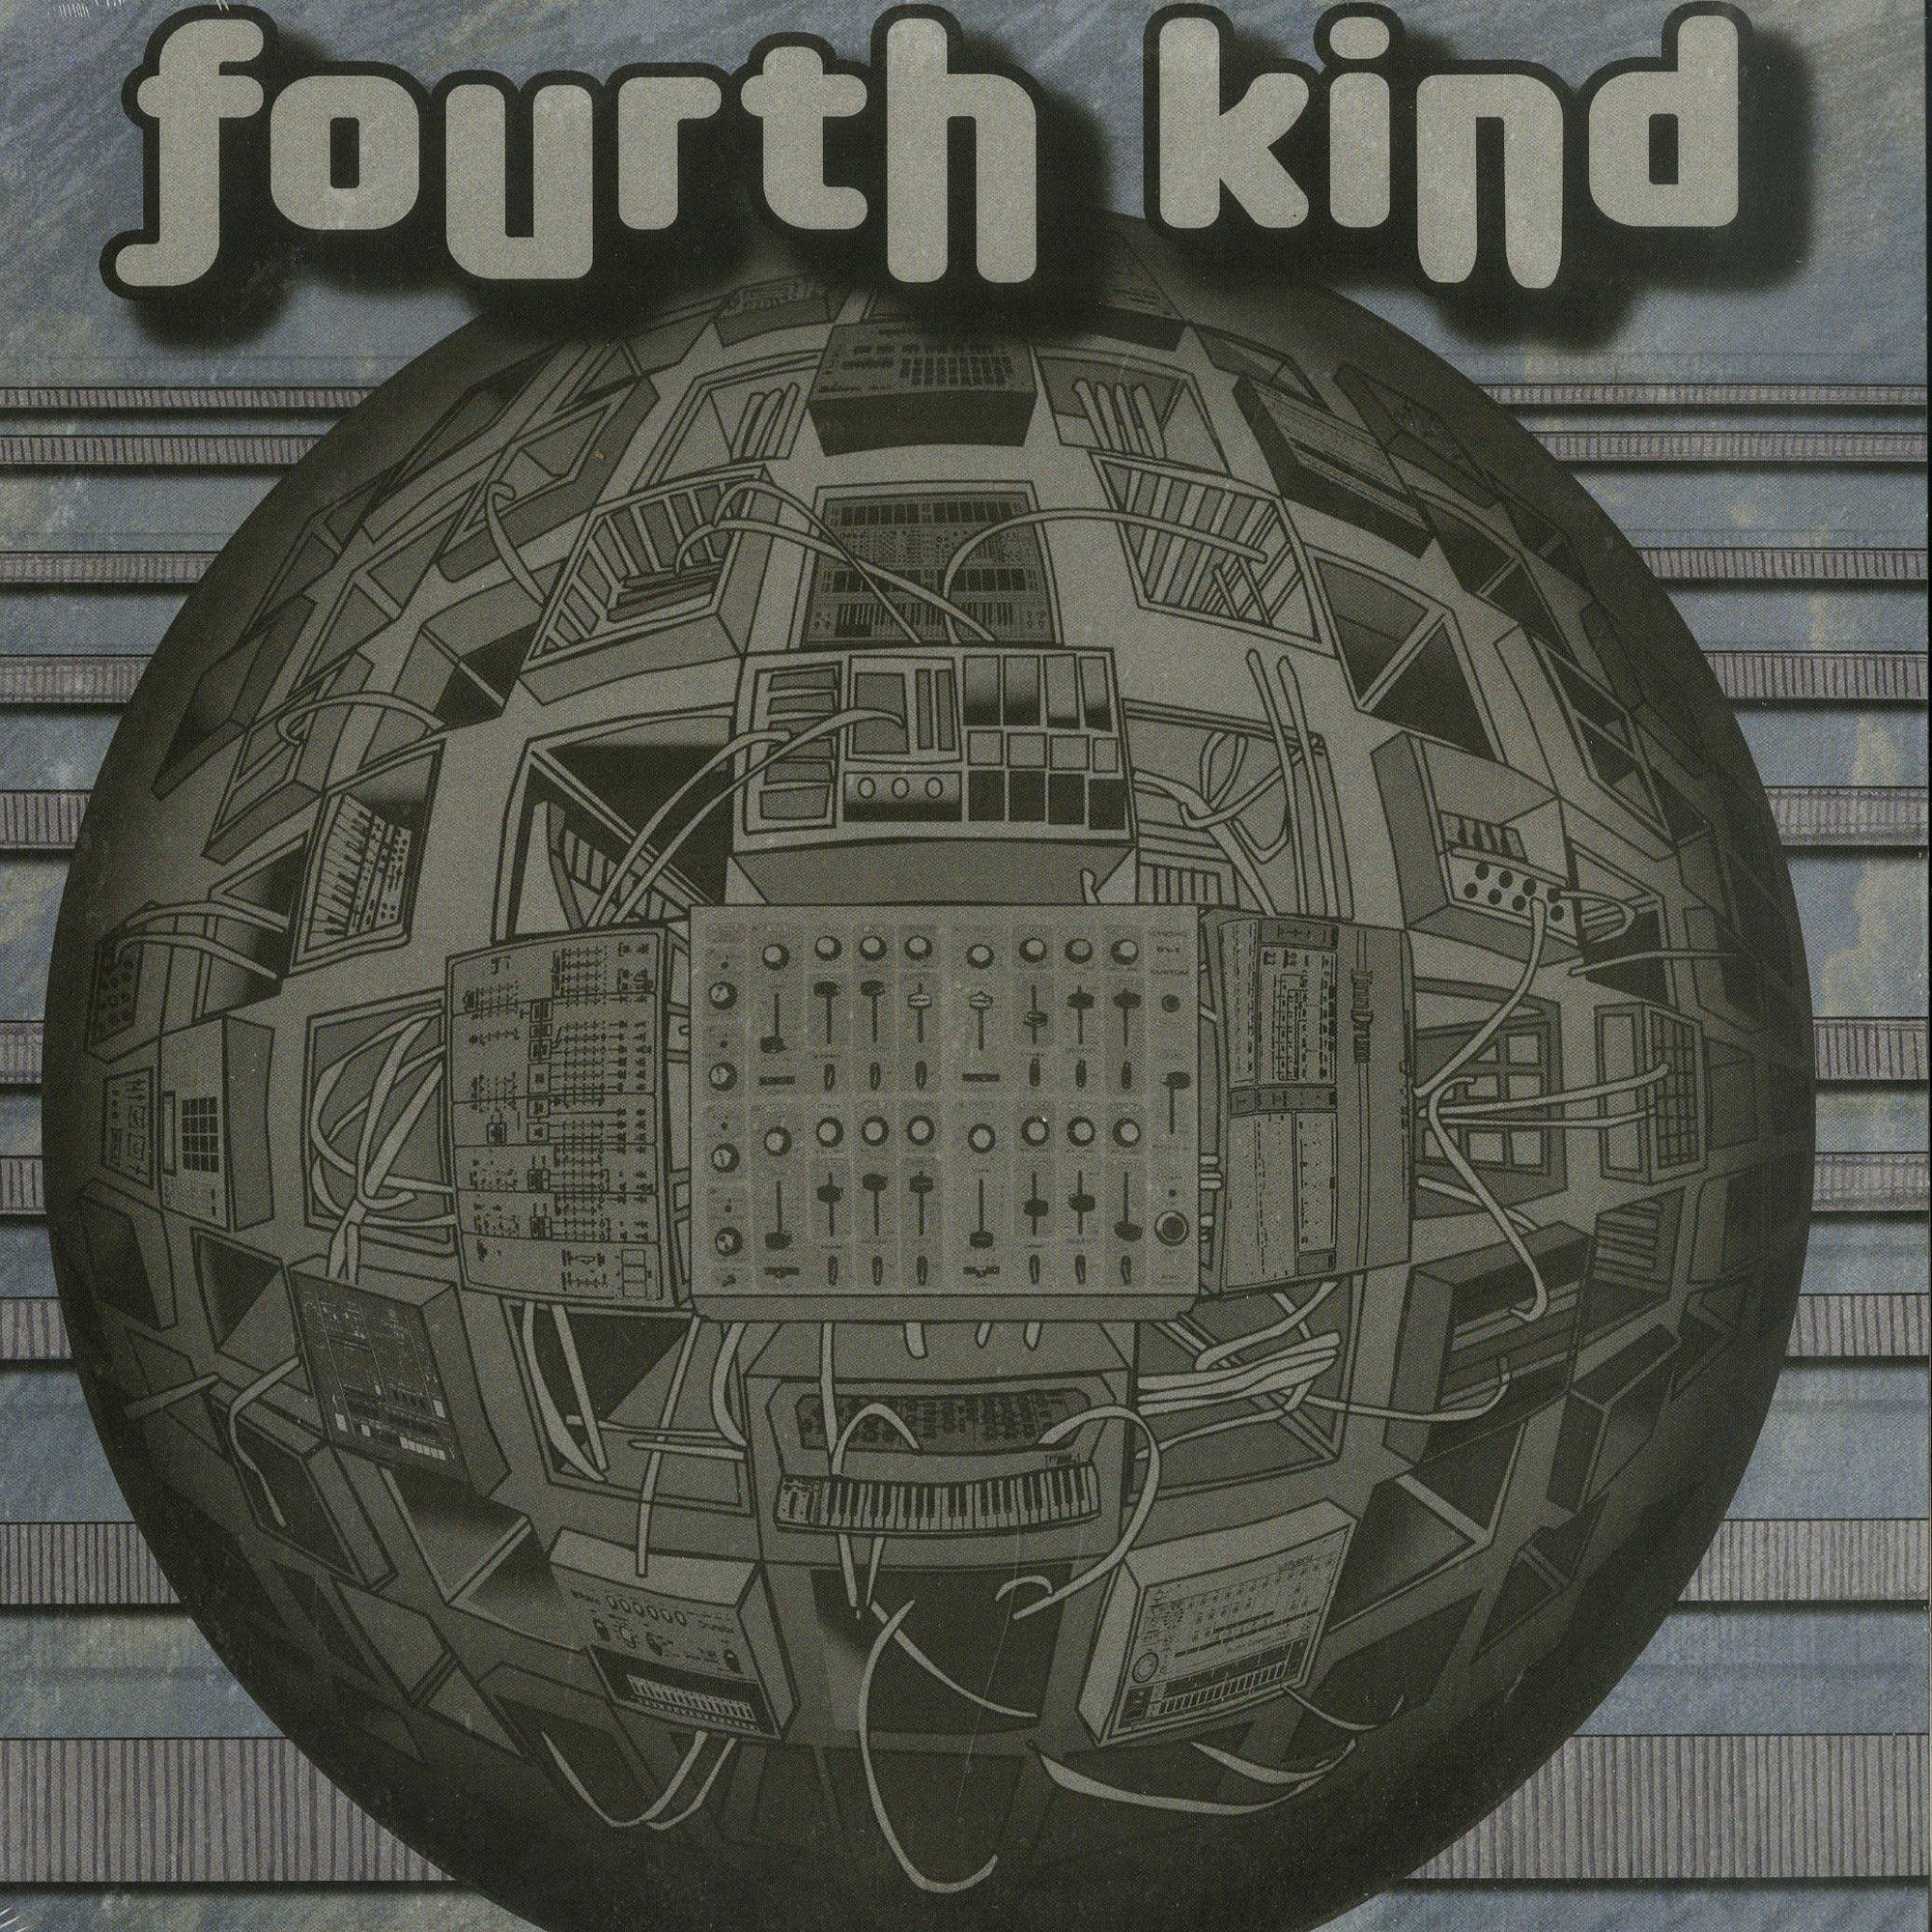 Fourth Kind - FOURTH KIND